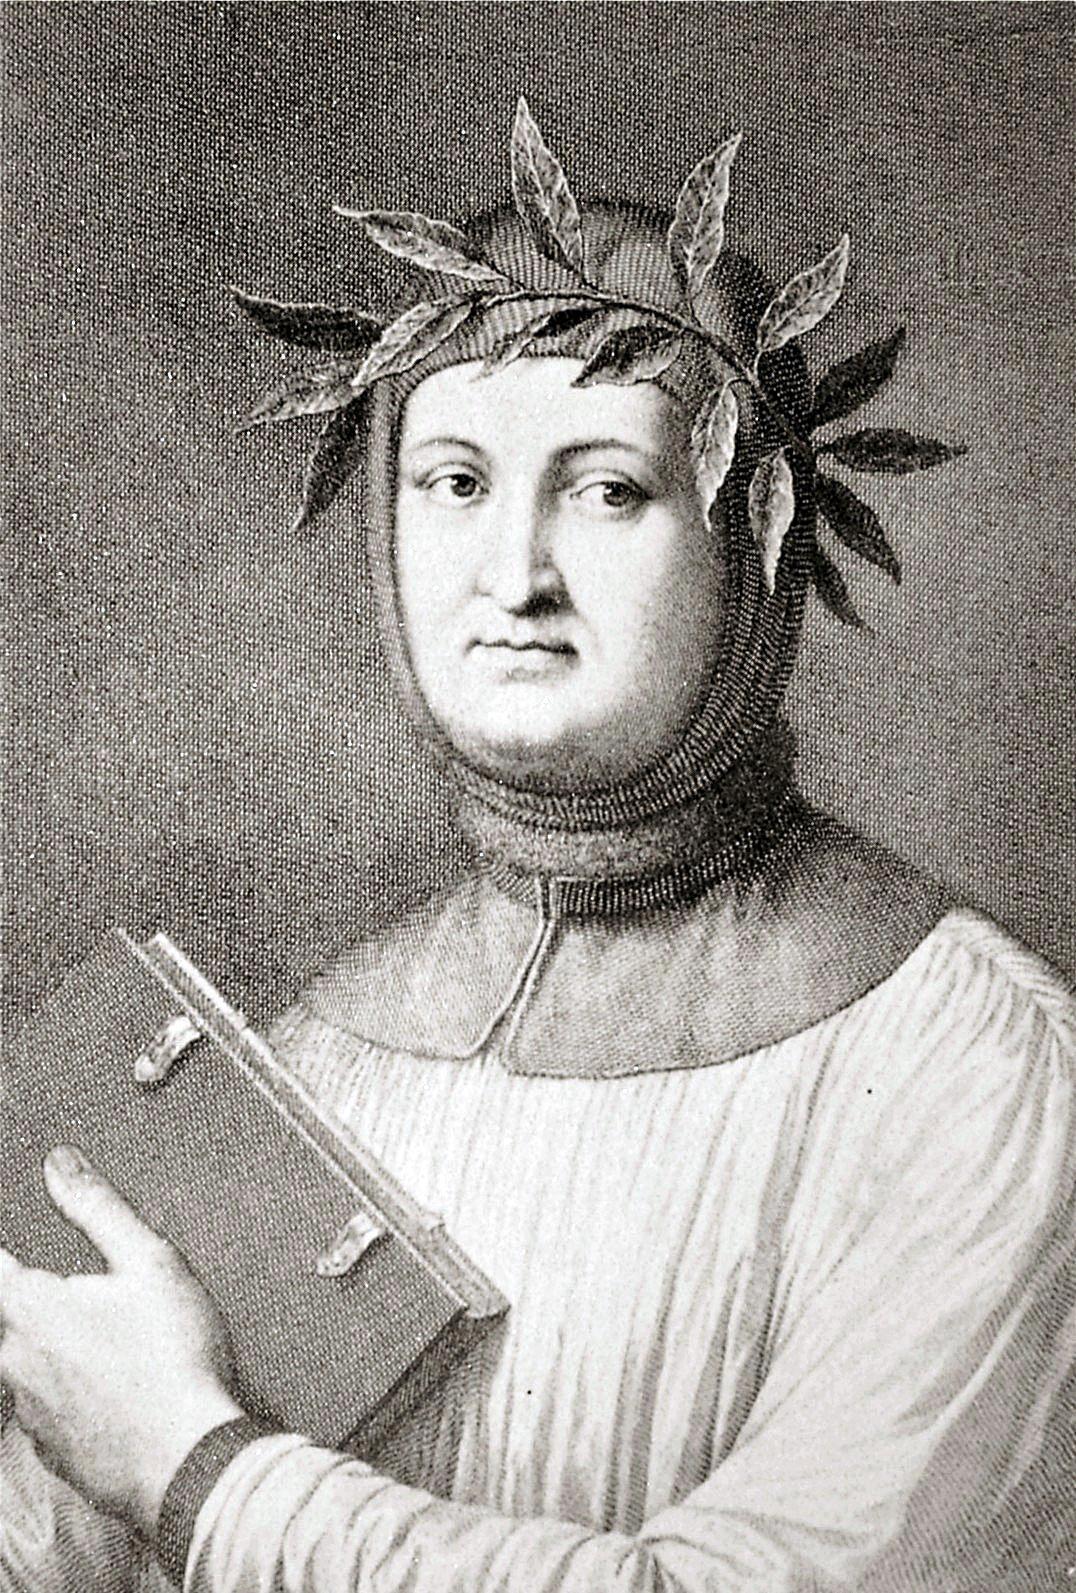 Il ritratto di Francesco Petrarca in una incisione del 1822.